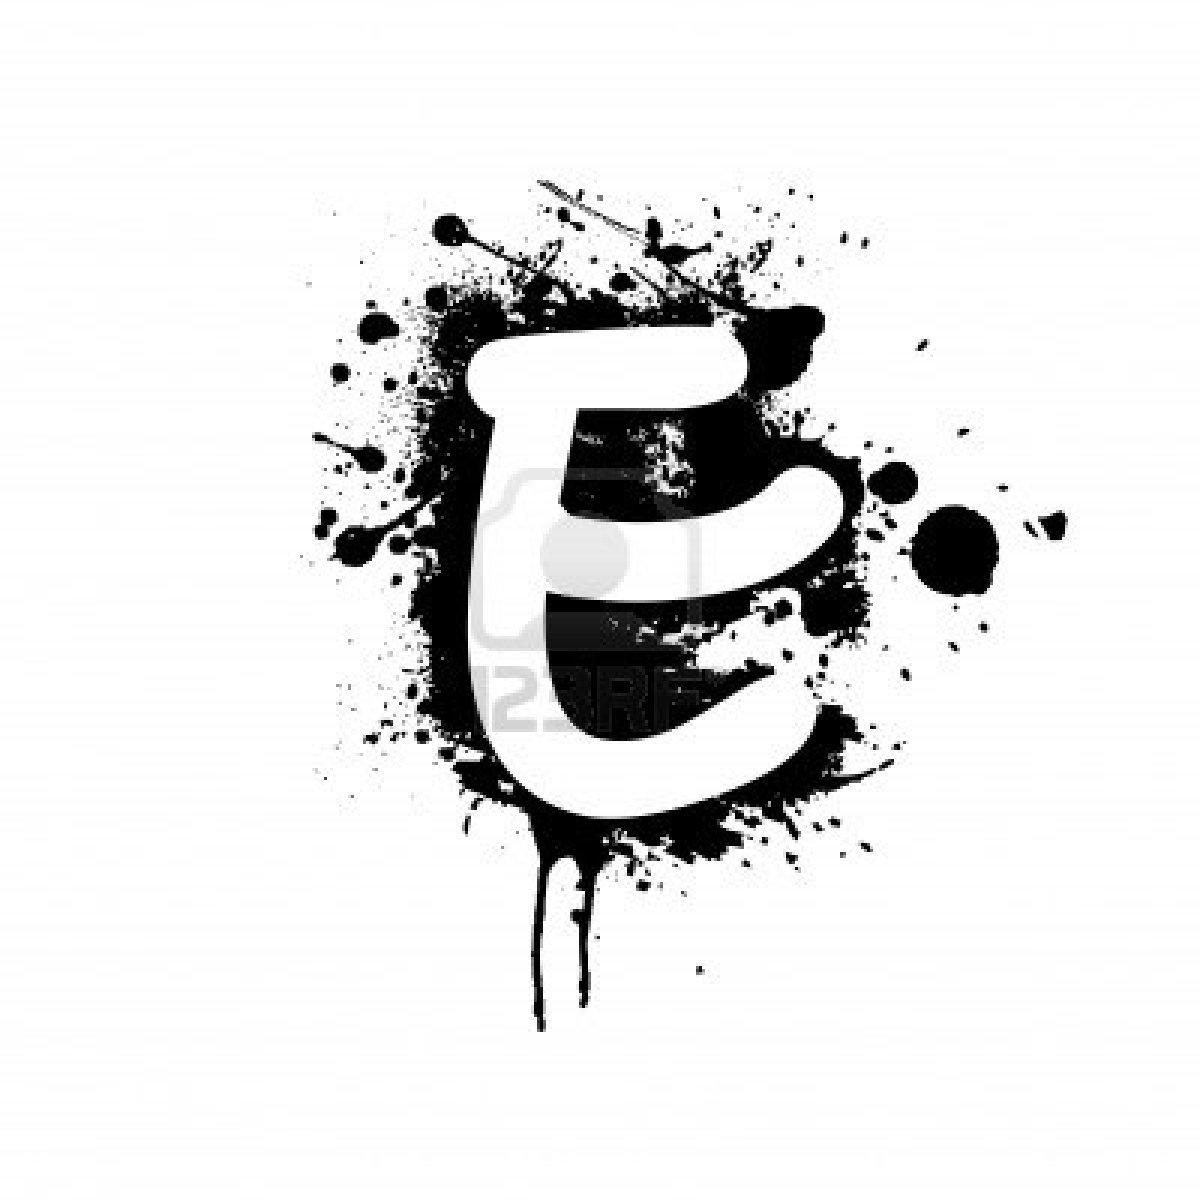 Z letter graffiti